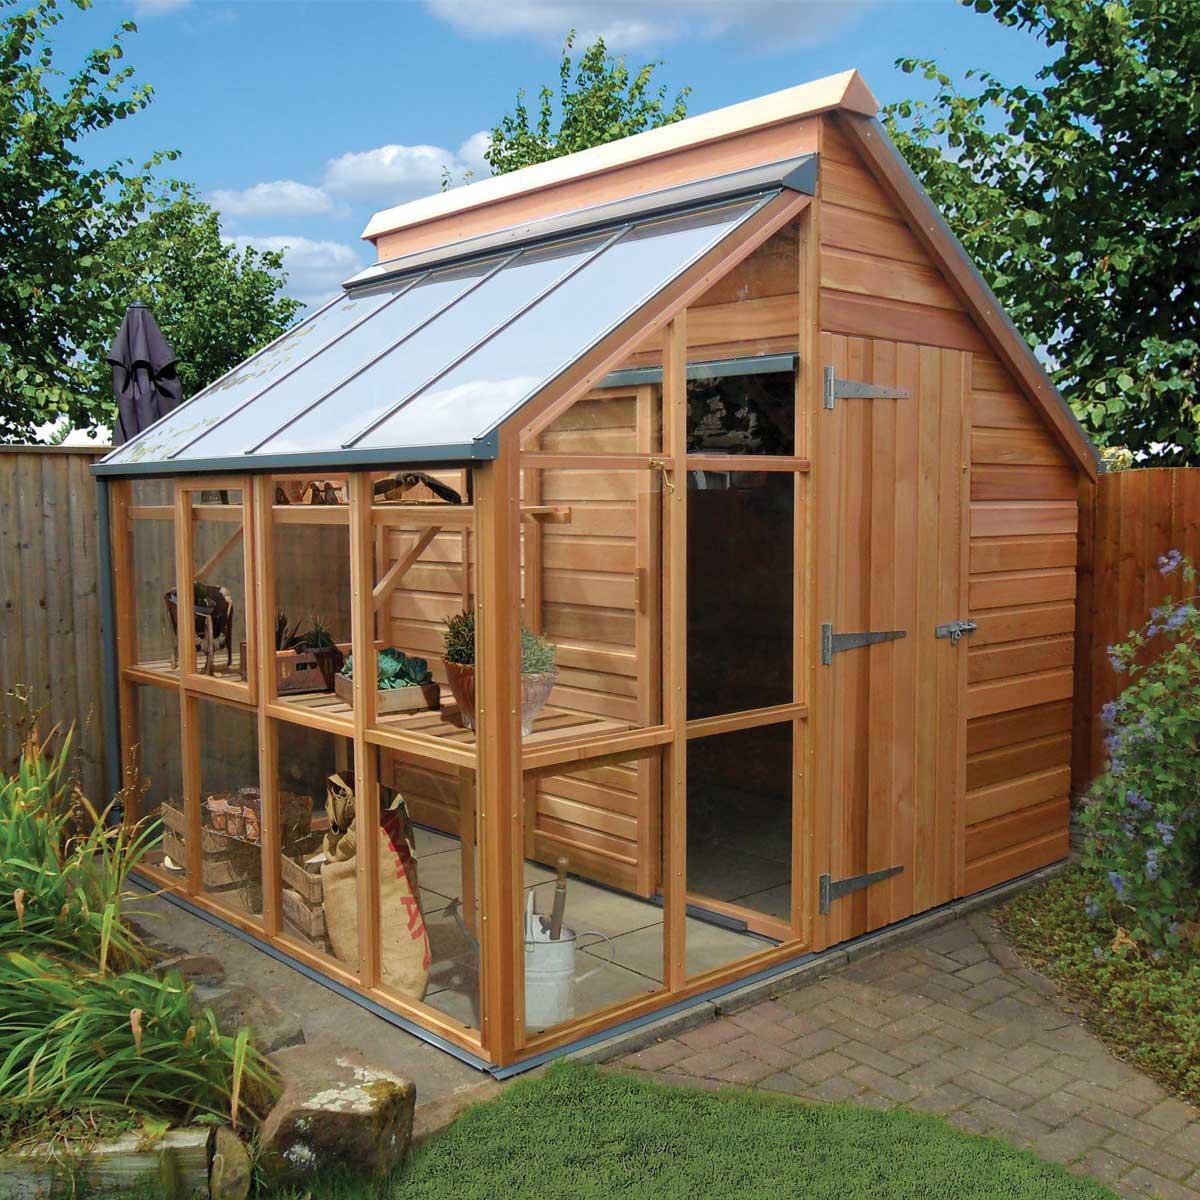 serre de jardin et abri en bois gabriel ash 5 panneaux vente au meilleur prix jardins anim s